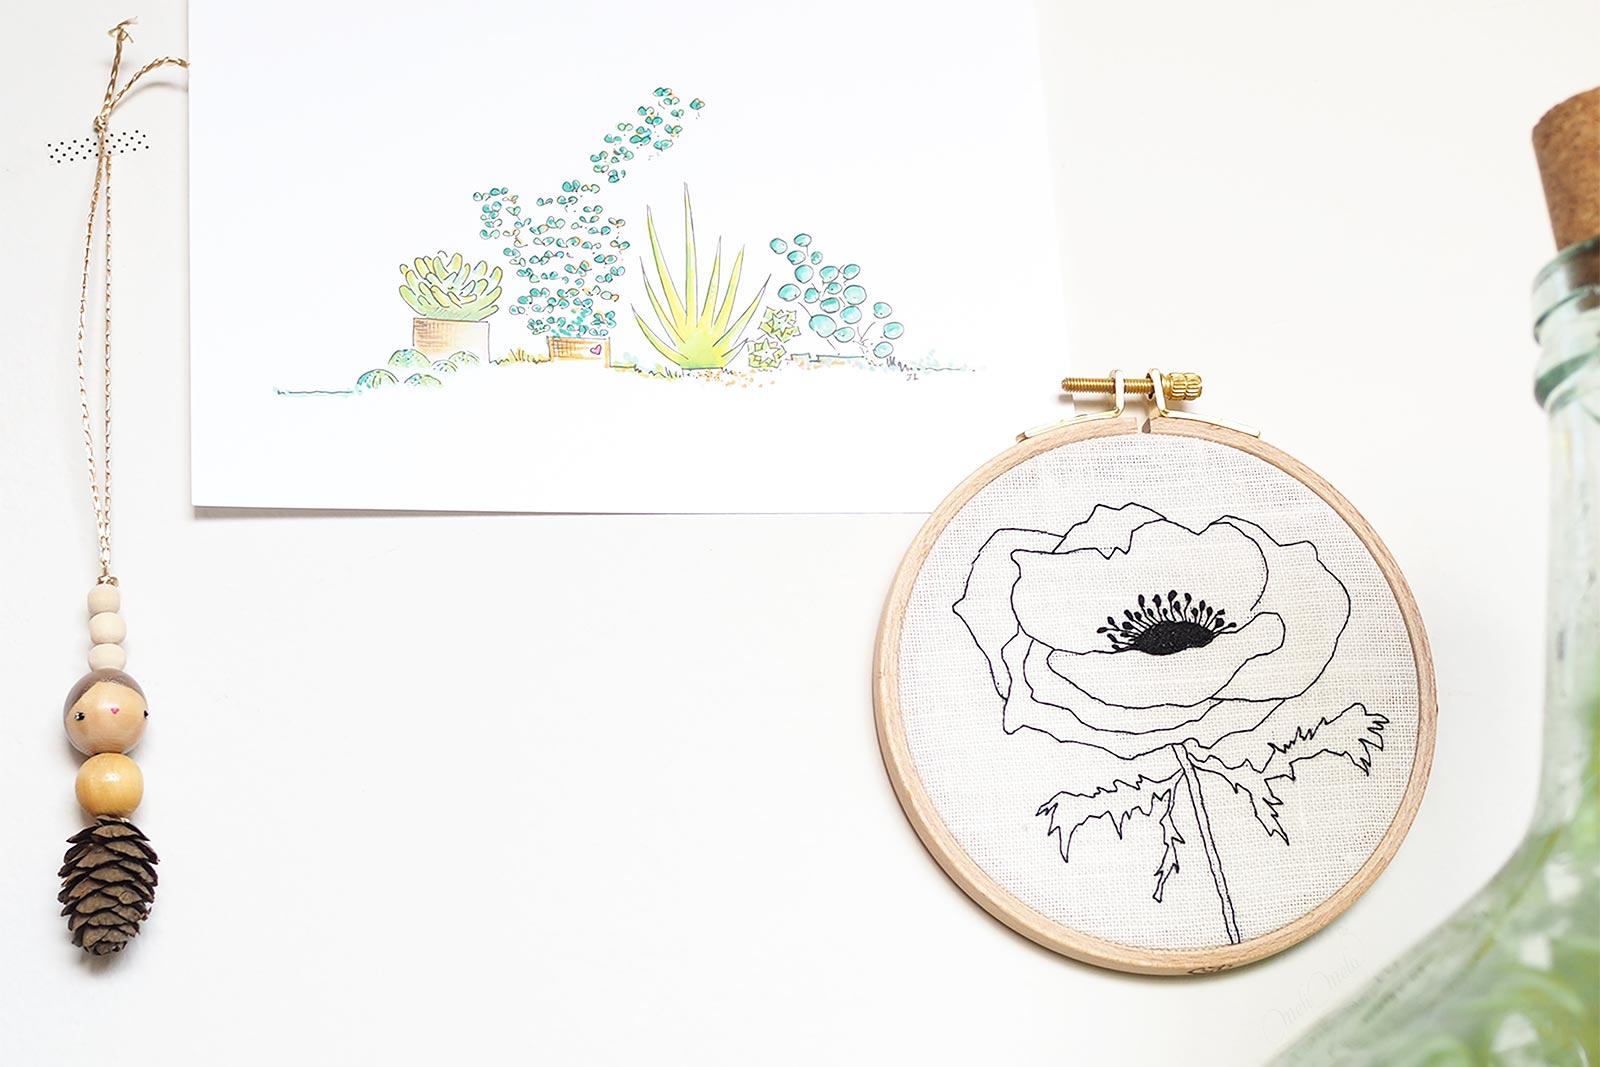 petits trésors puce les pois plumes illustration plantes broderie coquelicot laboutiquedemelimelo